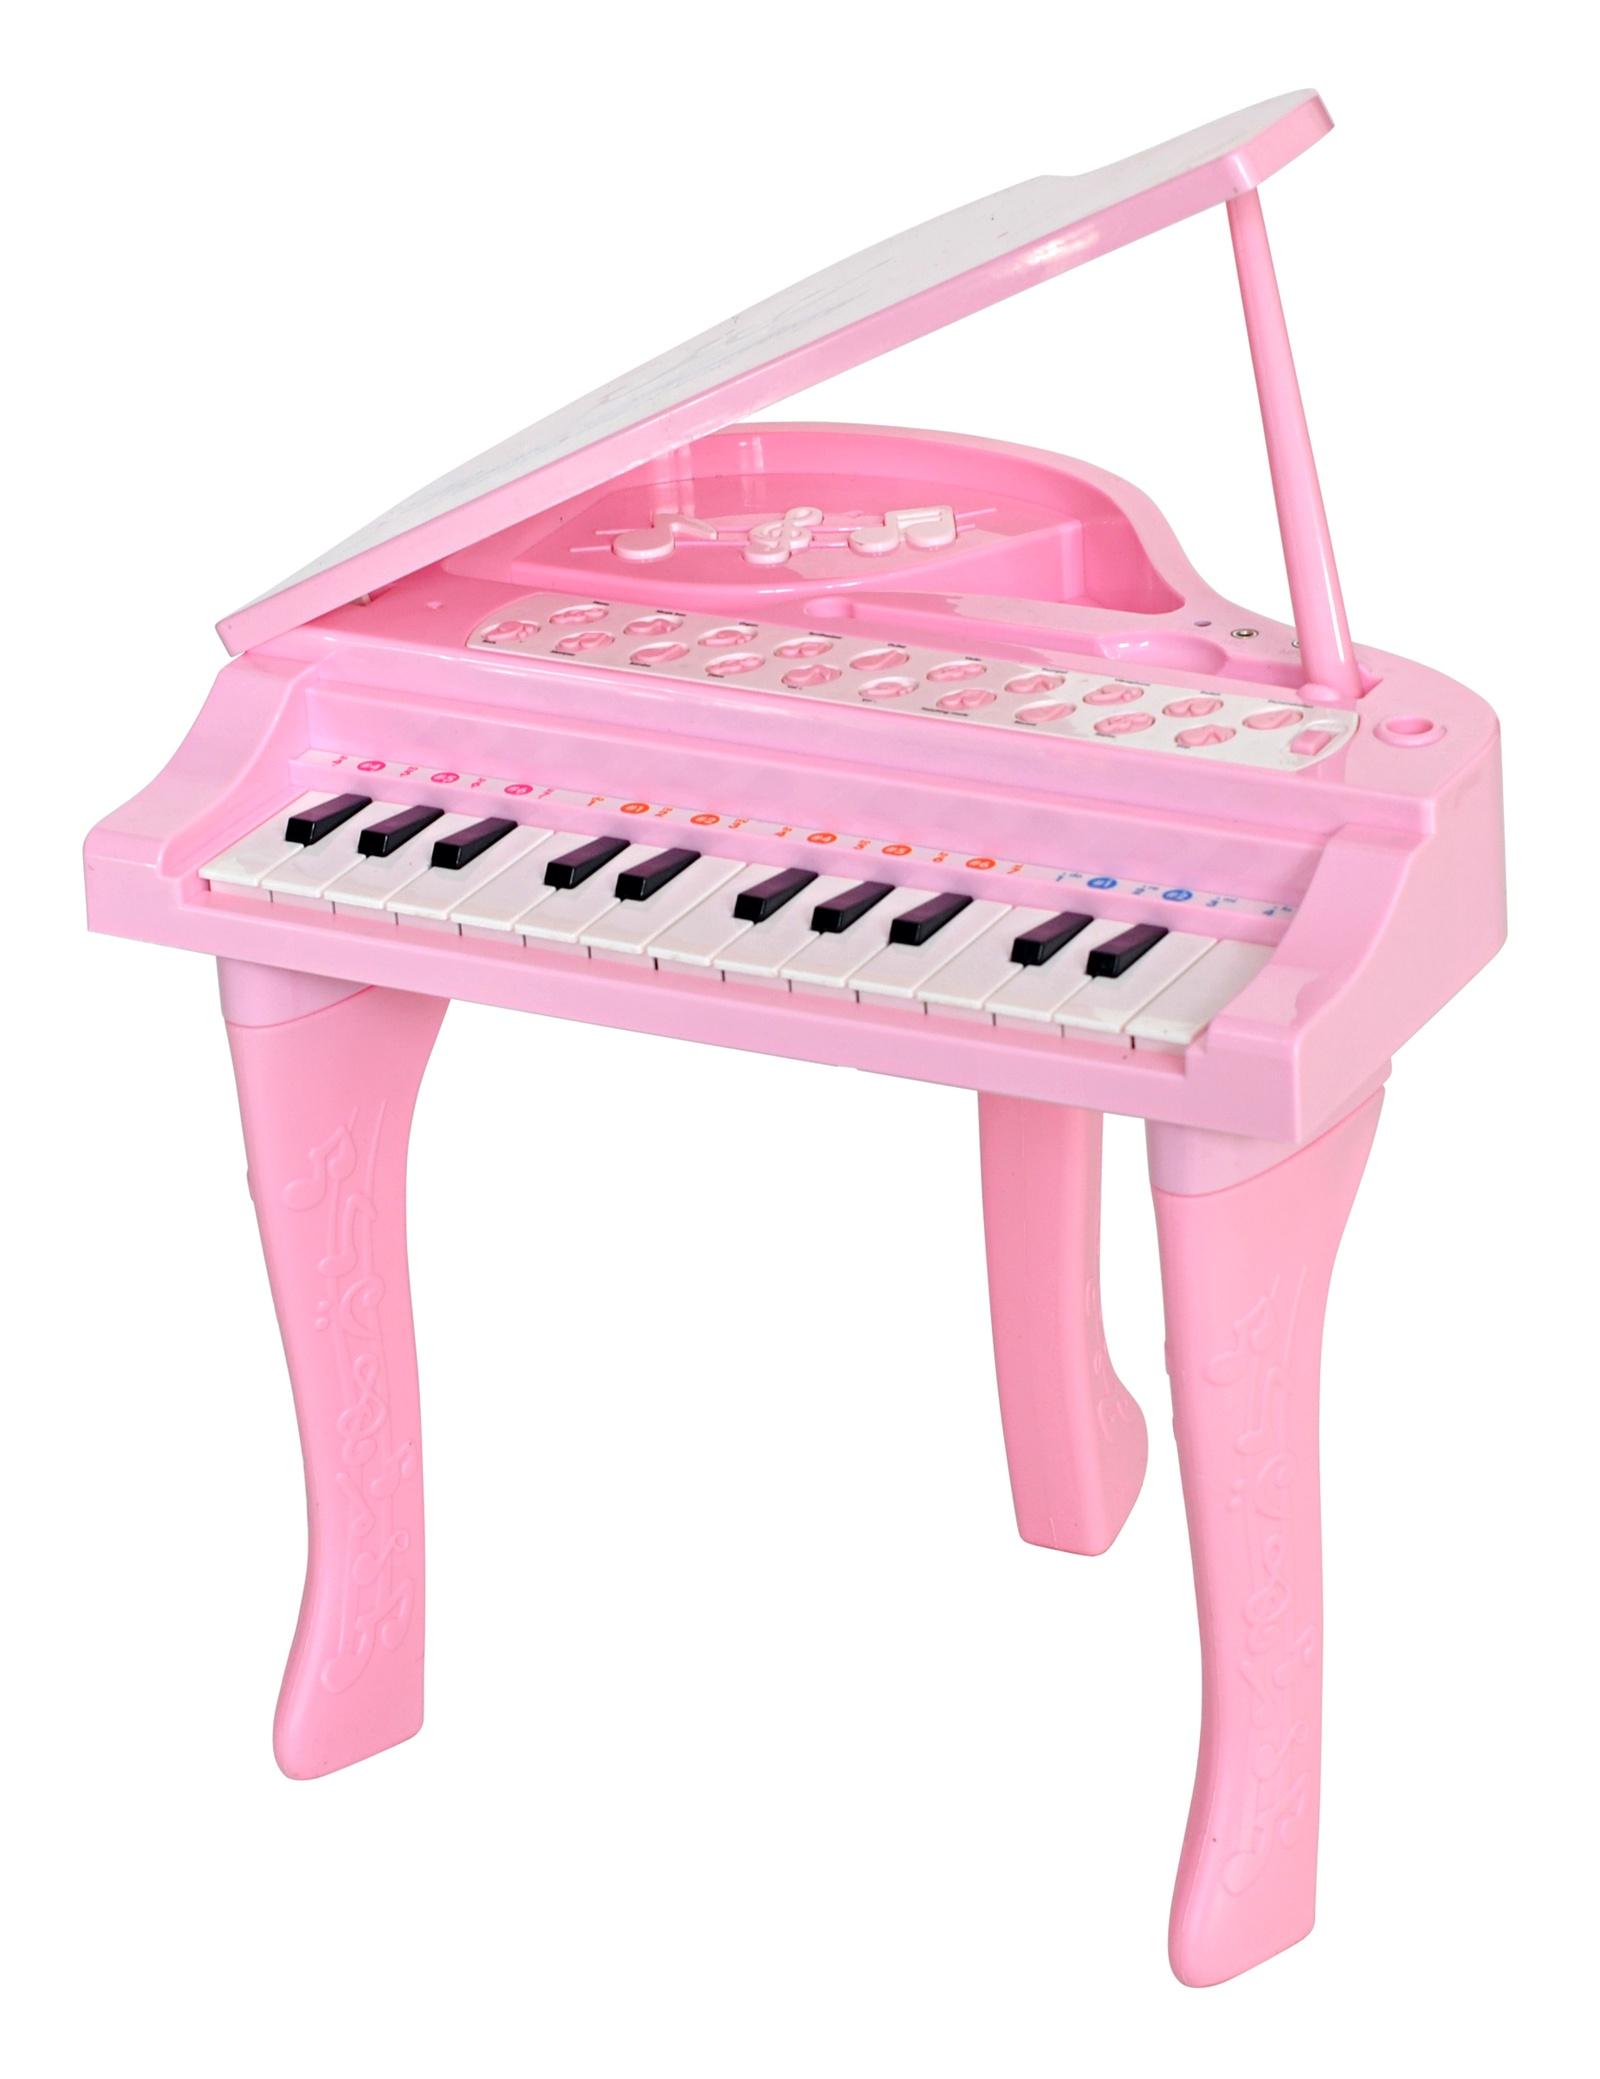 Детский музыкальный инструмент Everflo HS0356828 музыкальный инструмент 4 буквы сканворд